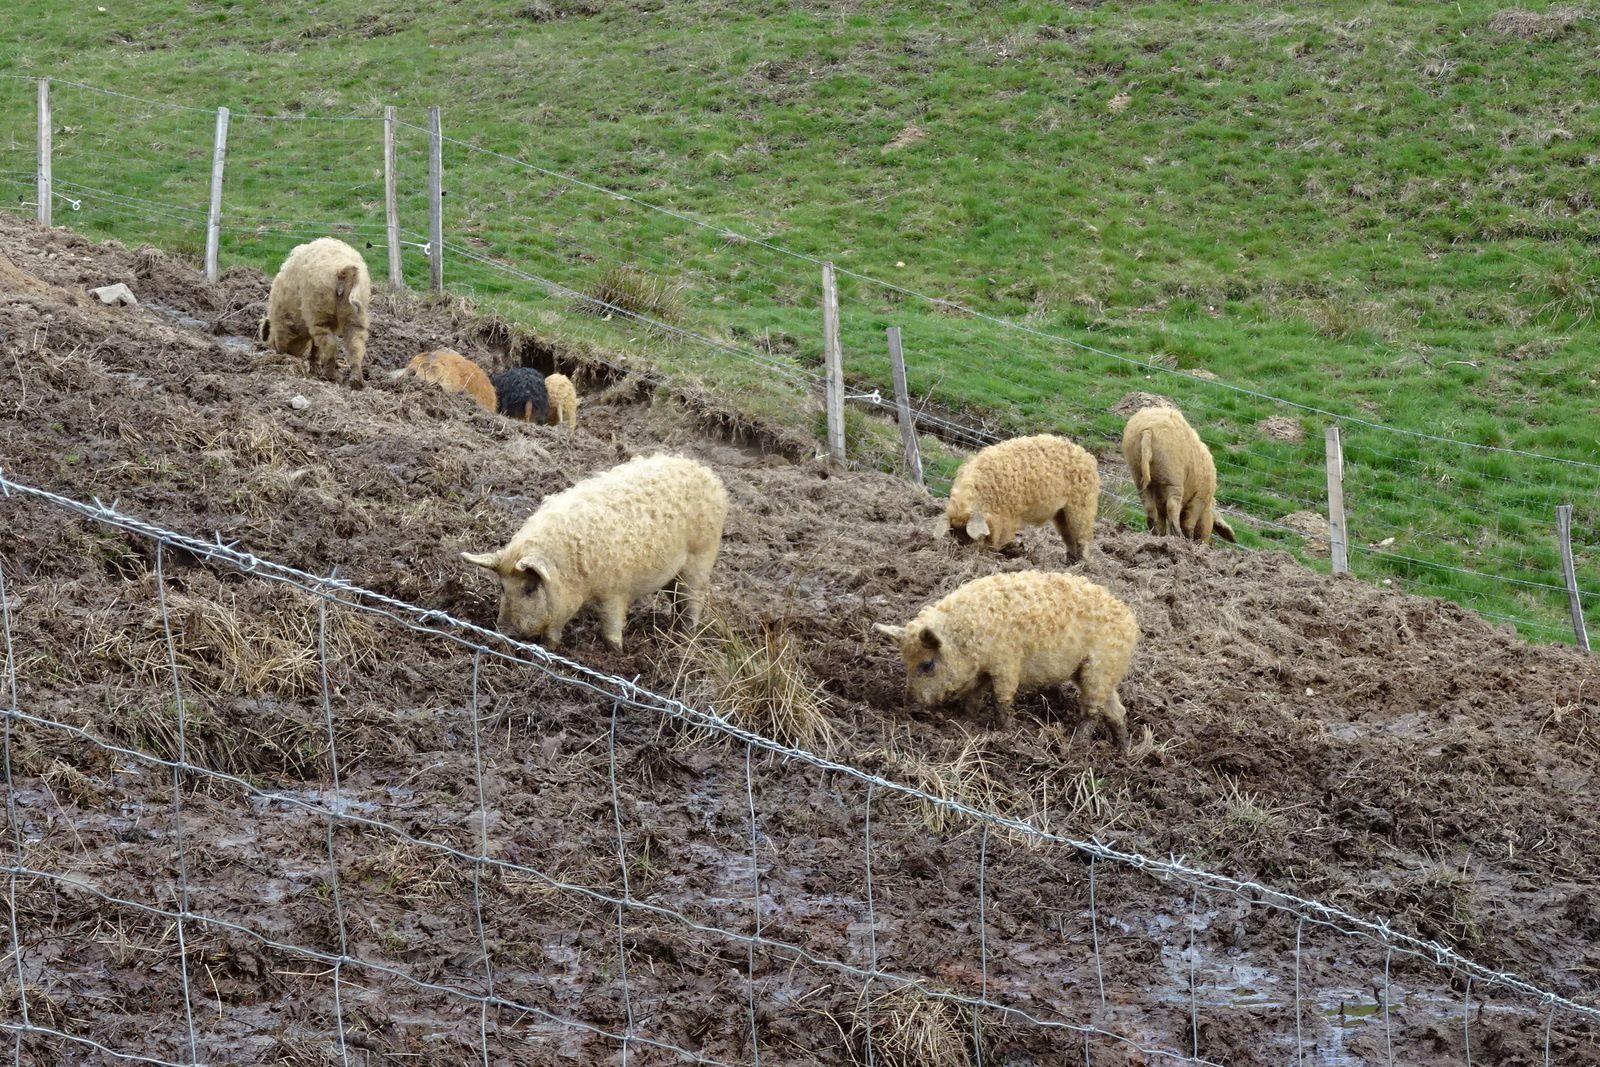 De temps en temps nous ferons comme ces petits cochons, nous pataugerons dans la boue mais ce ne sera qu'épisodiques.